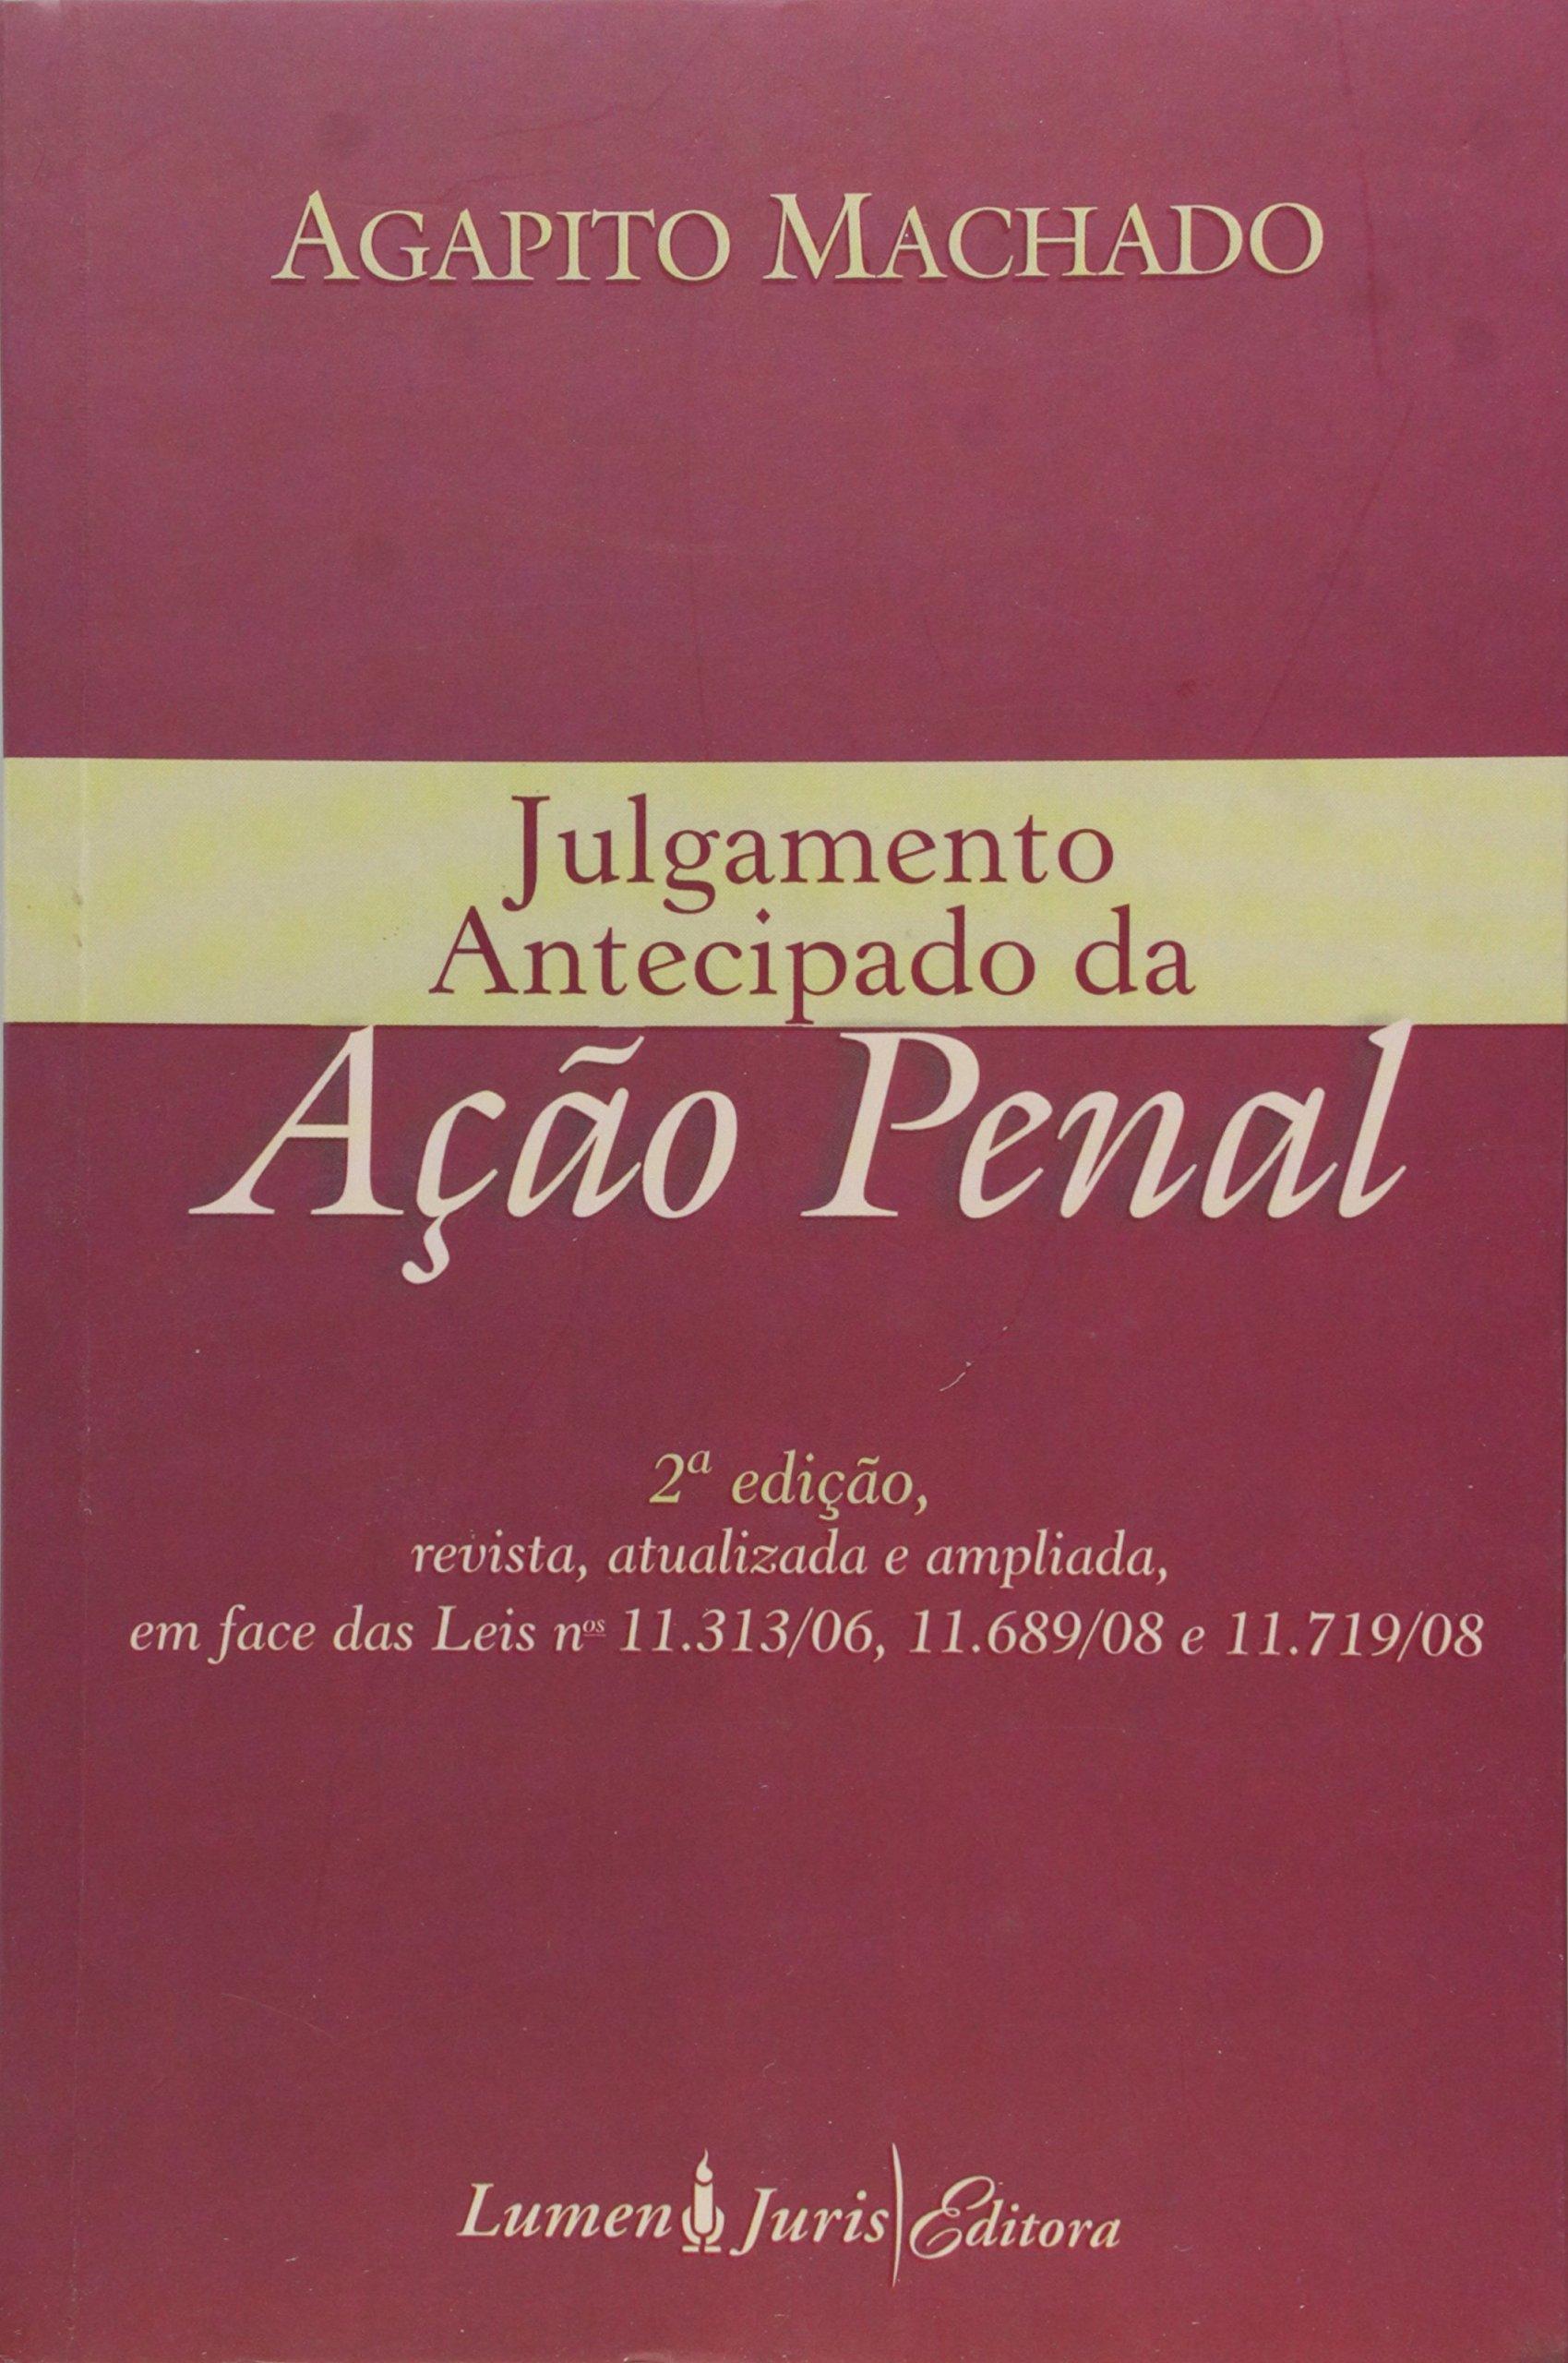 Read Online JULGAMENTO ANTECIPADO DA ACAO PENAL - 20 pdf epub